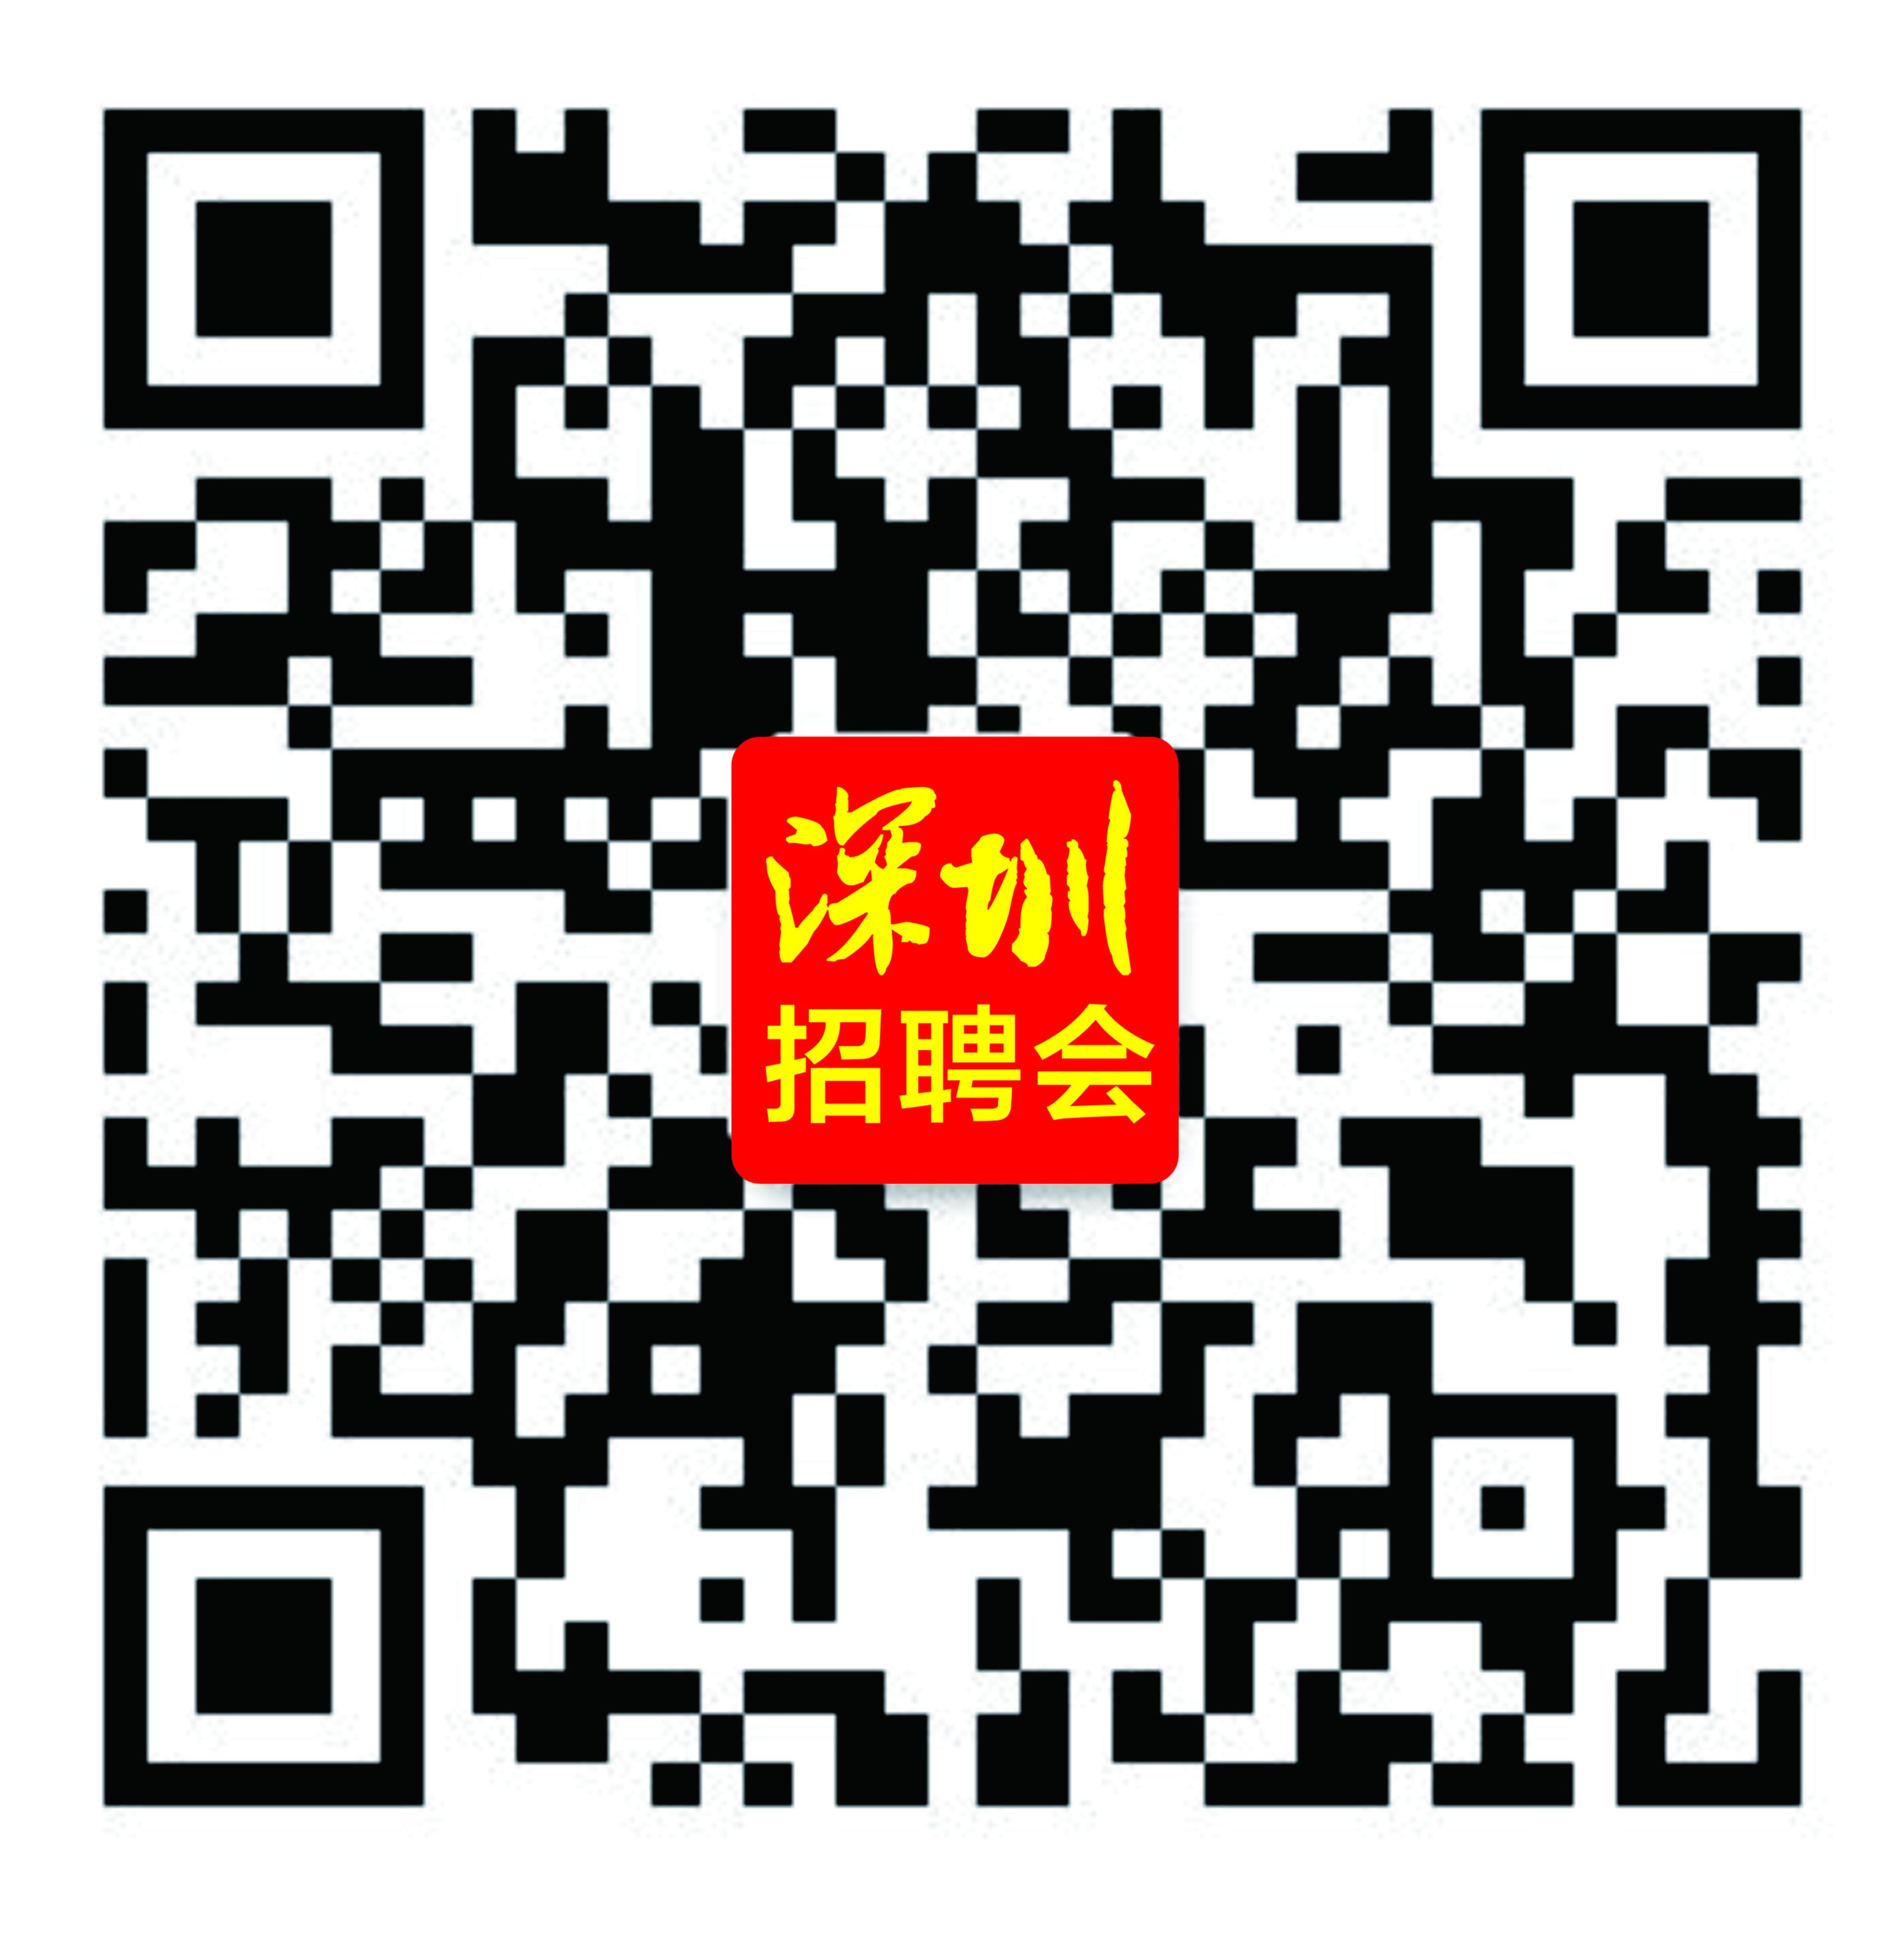 深圳招聘会7月份排期